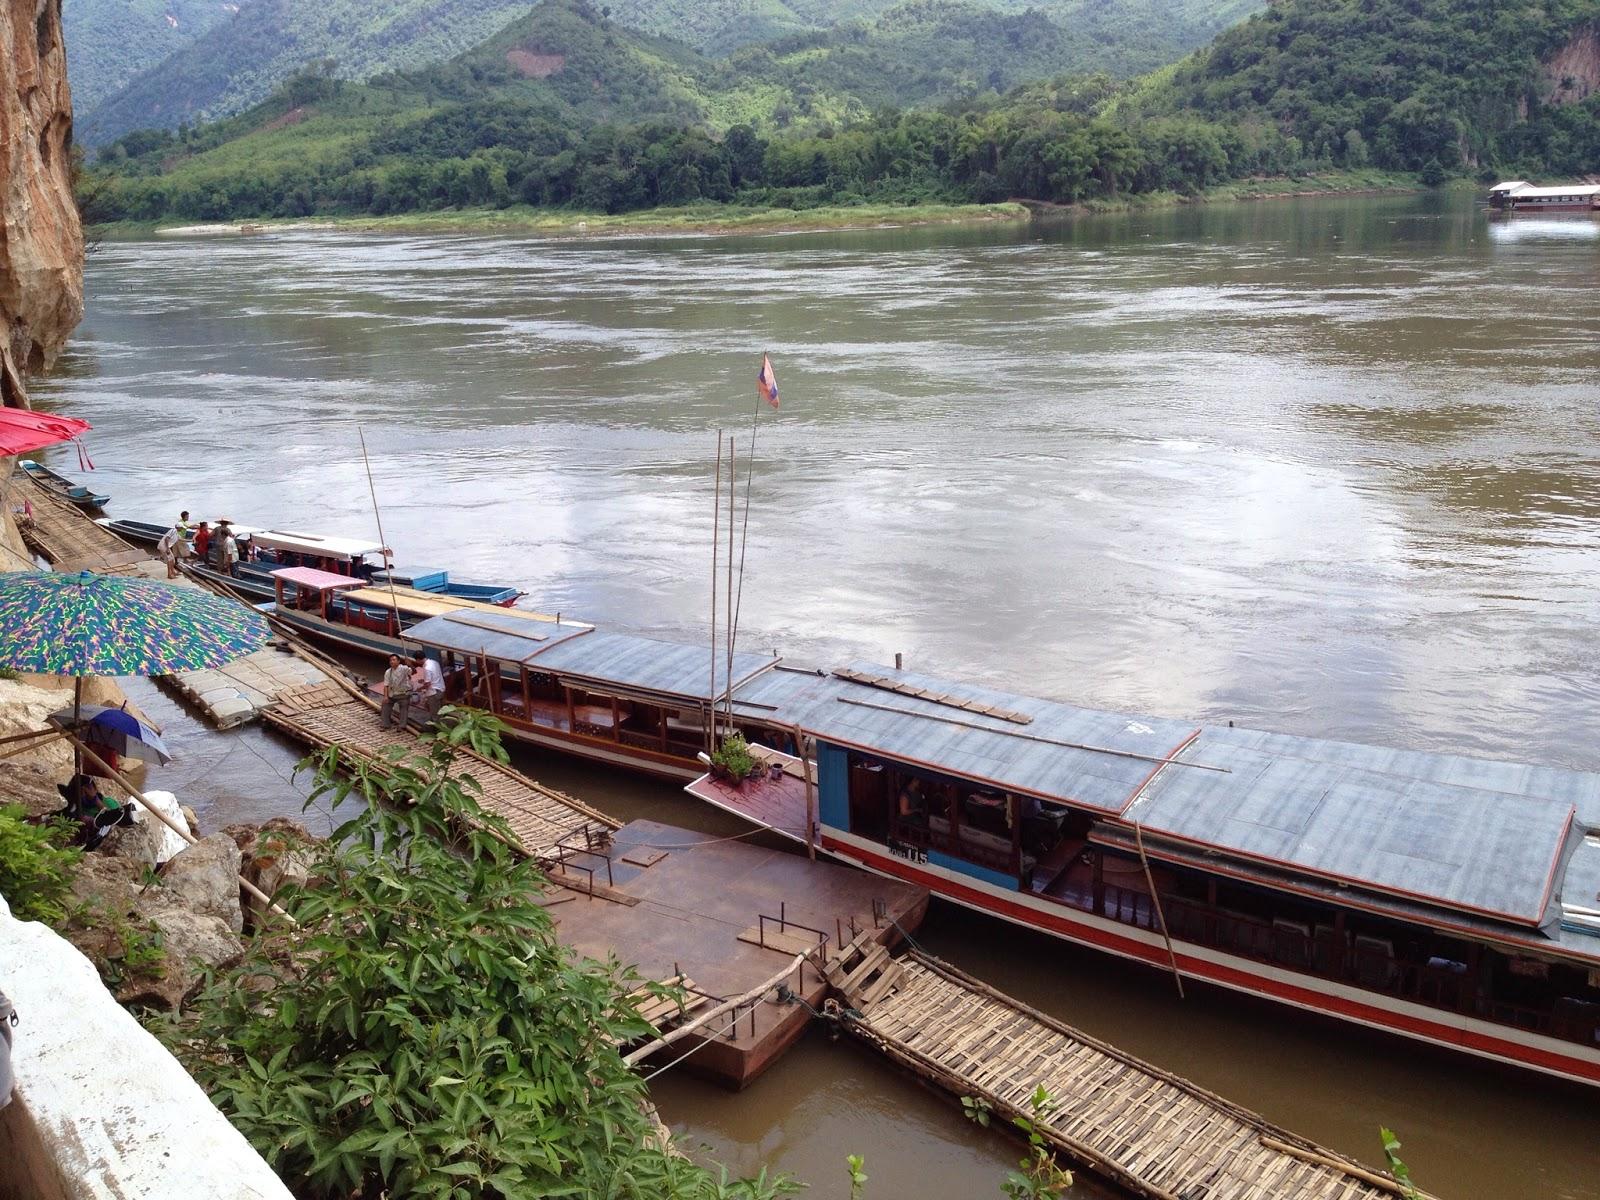 Luang Prabang - Heading back down to the boats